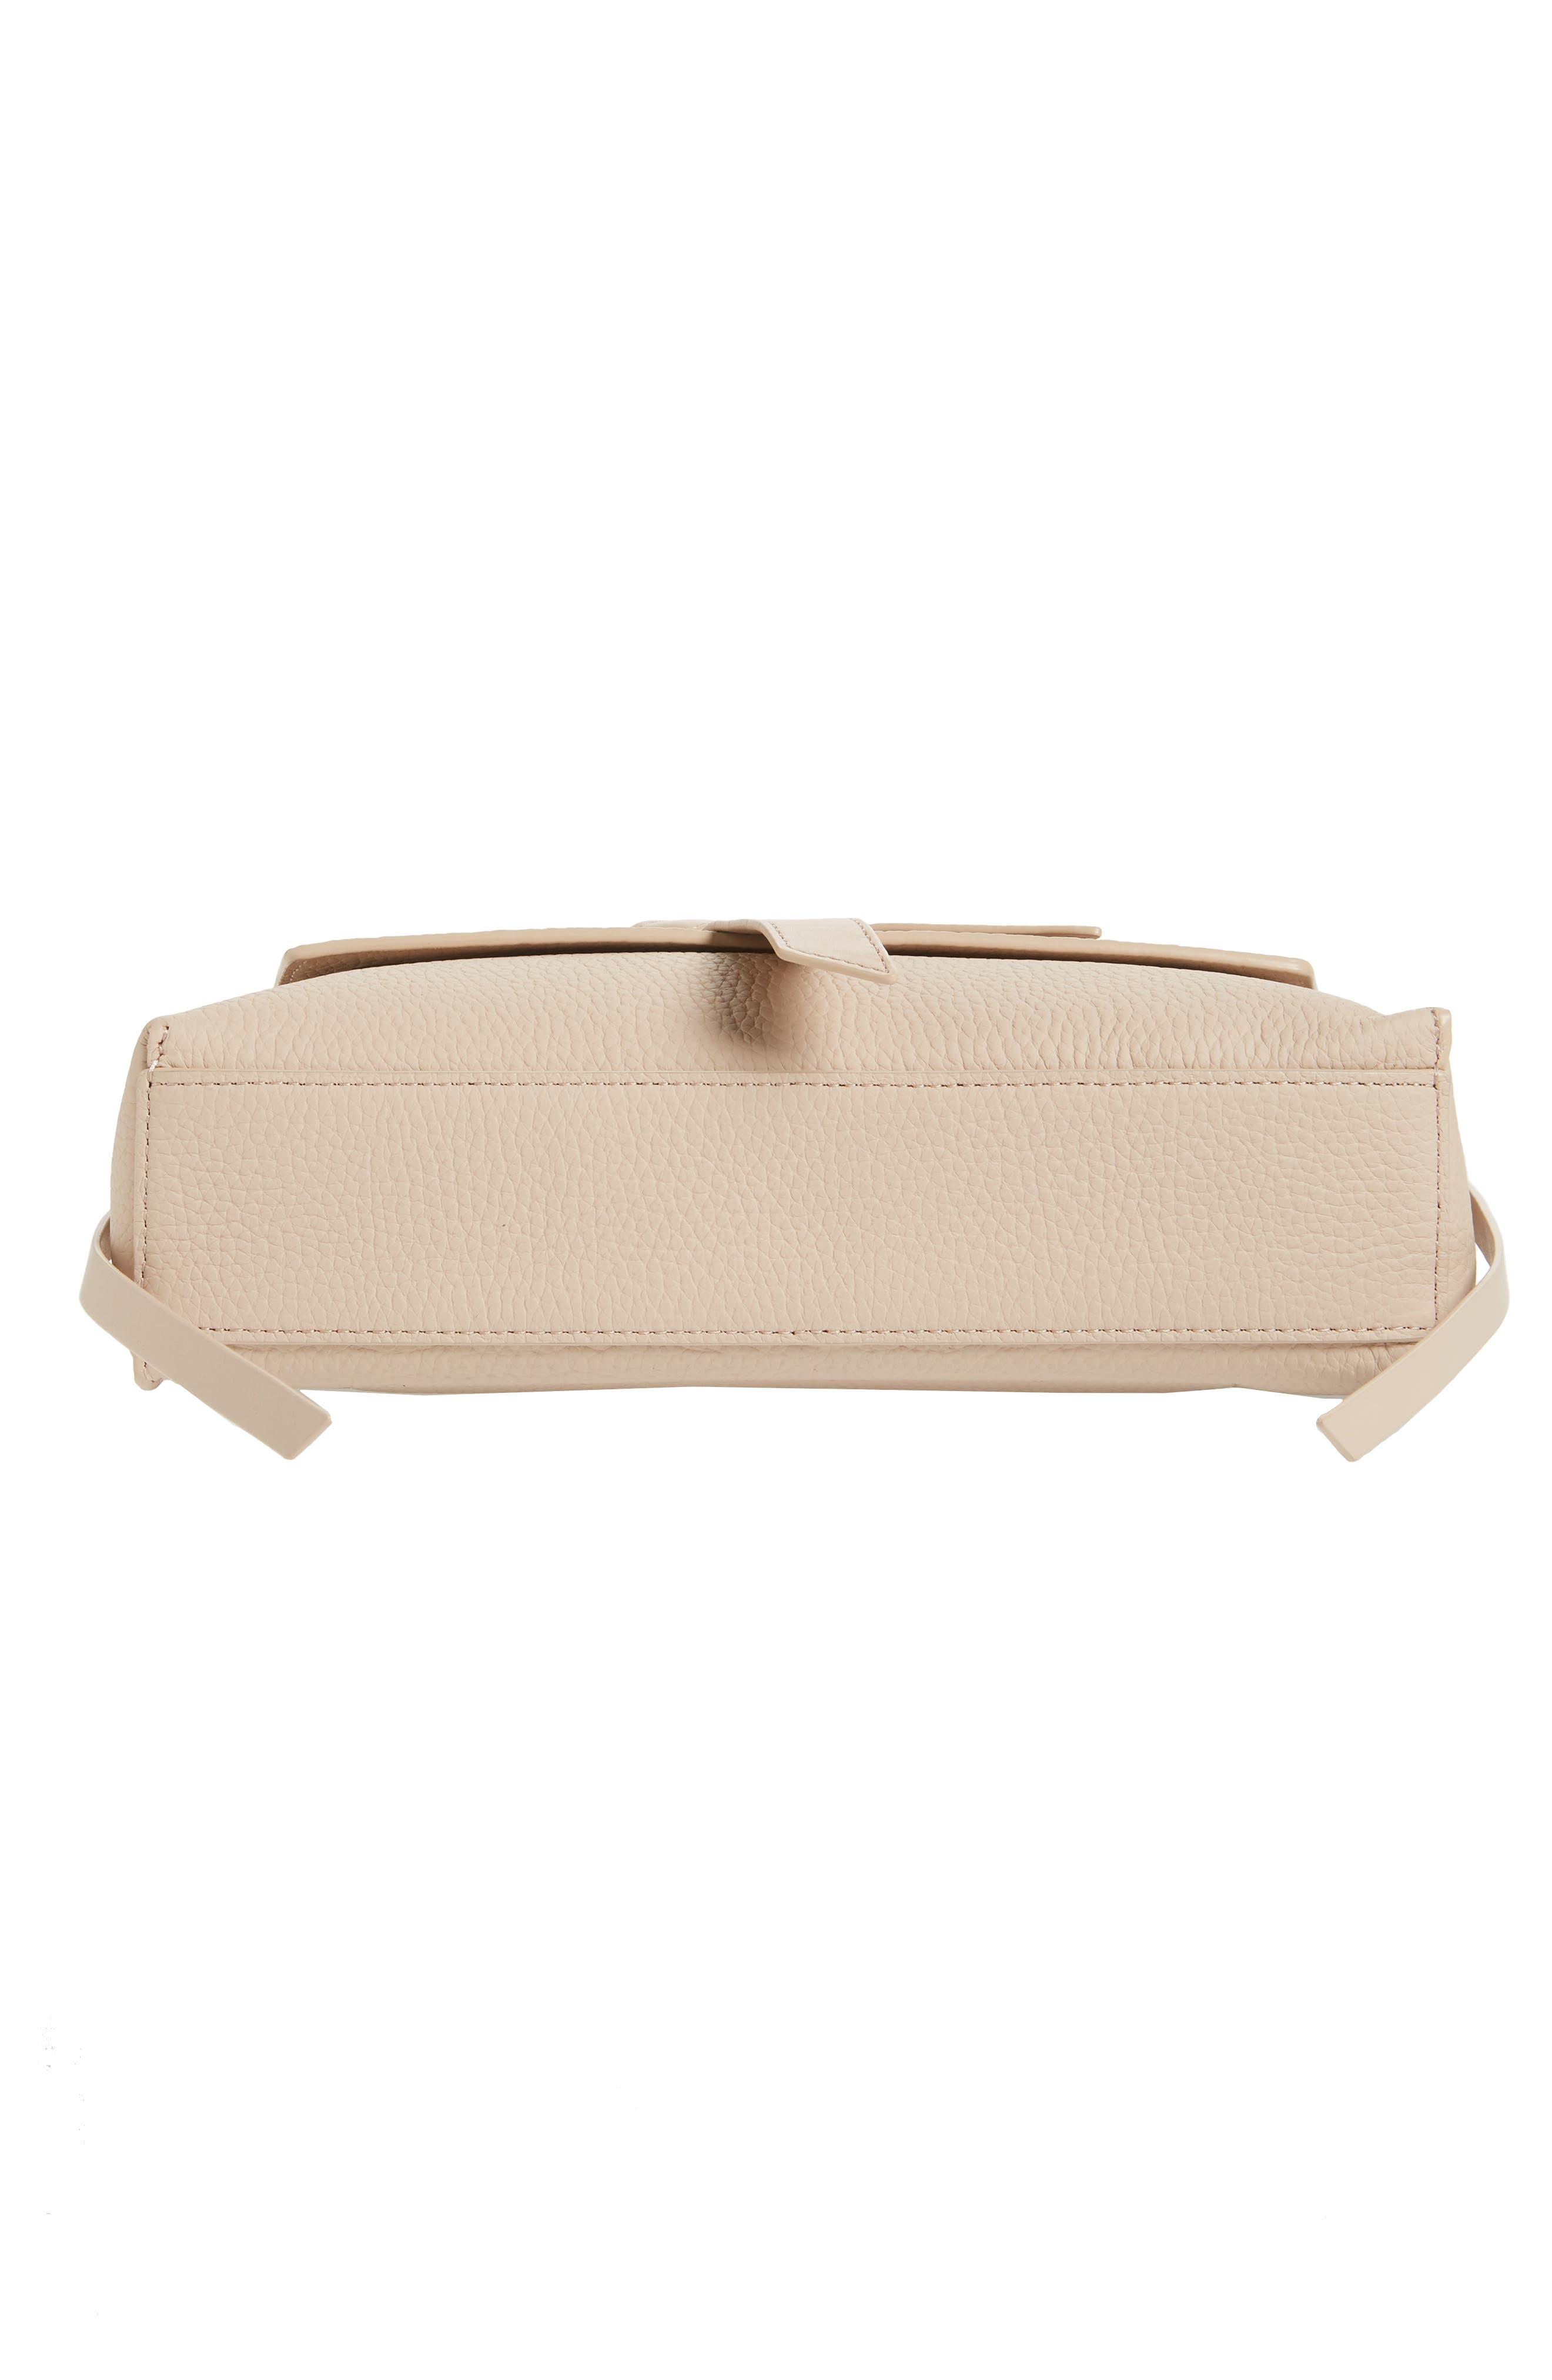 Cami Leather Shoulder Bag,                             Alternate thumbnail 6, color,                             NATURAL